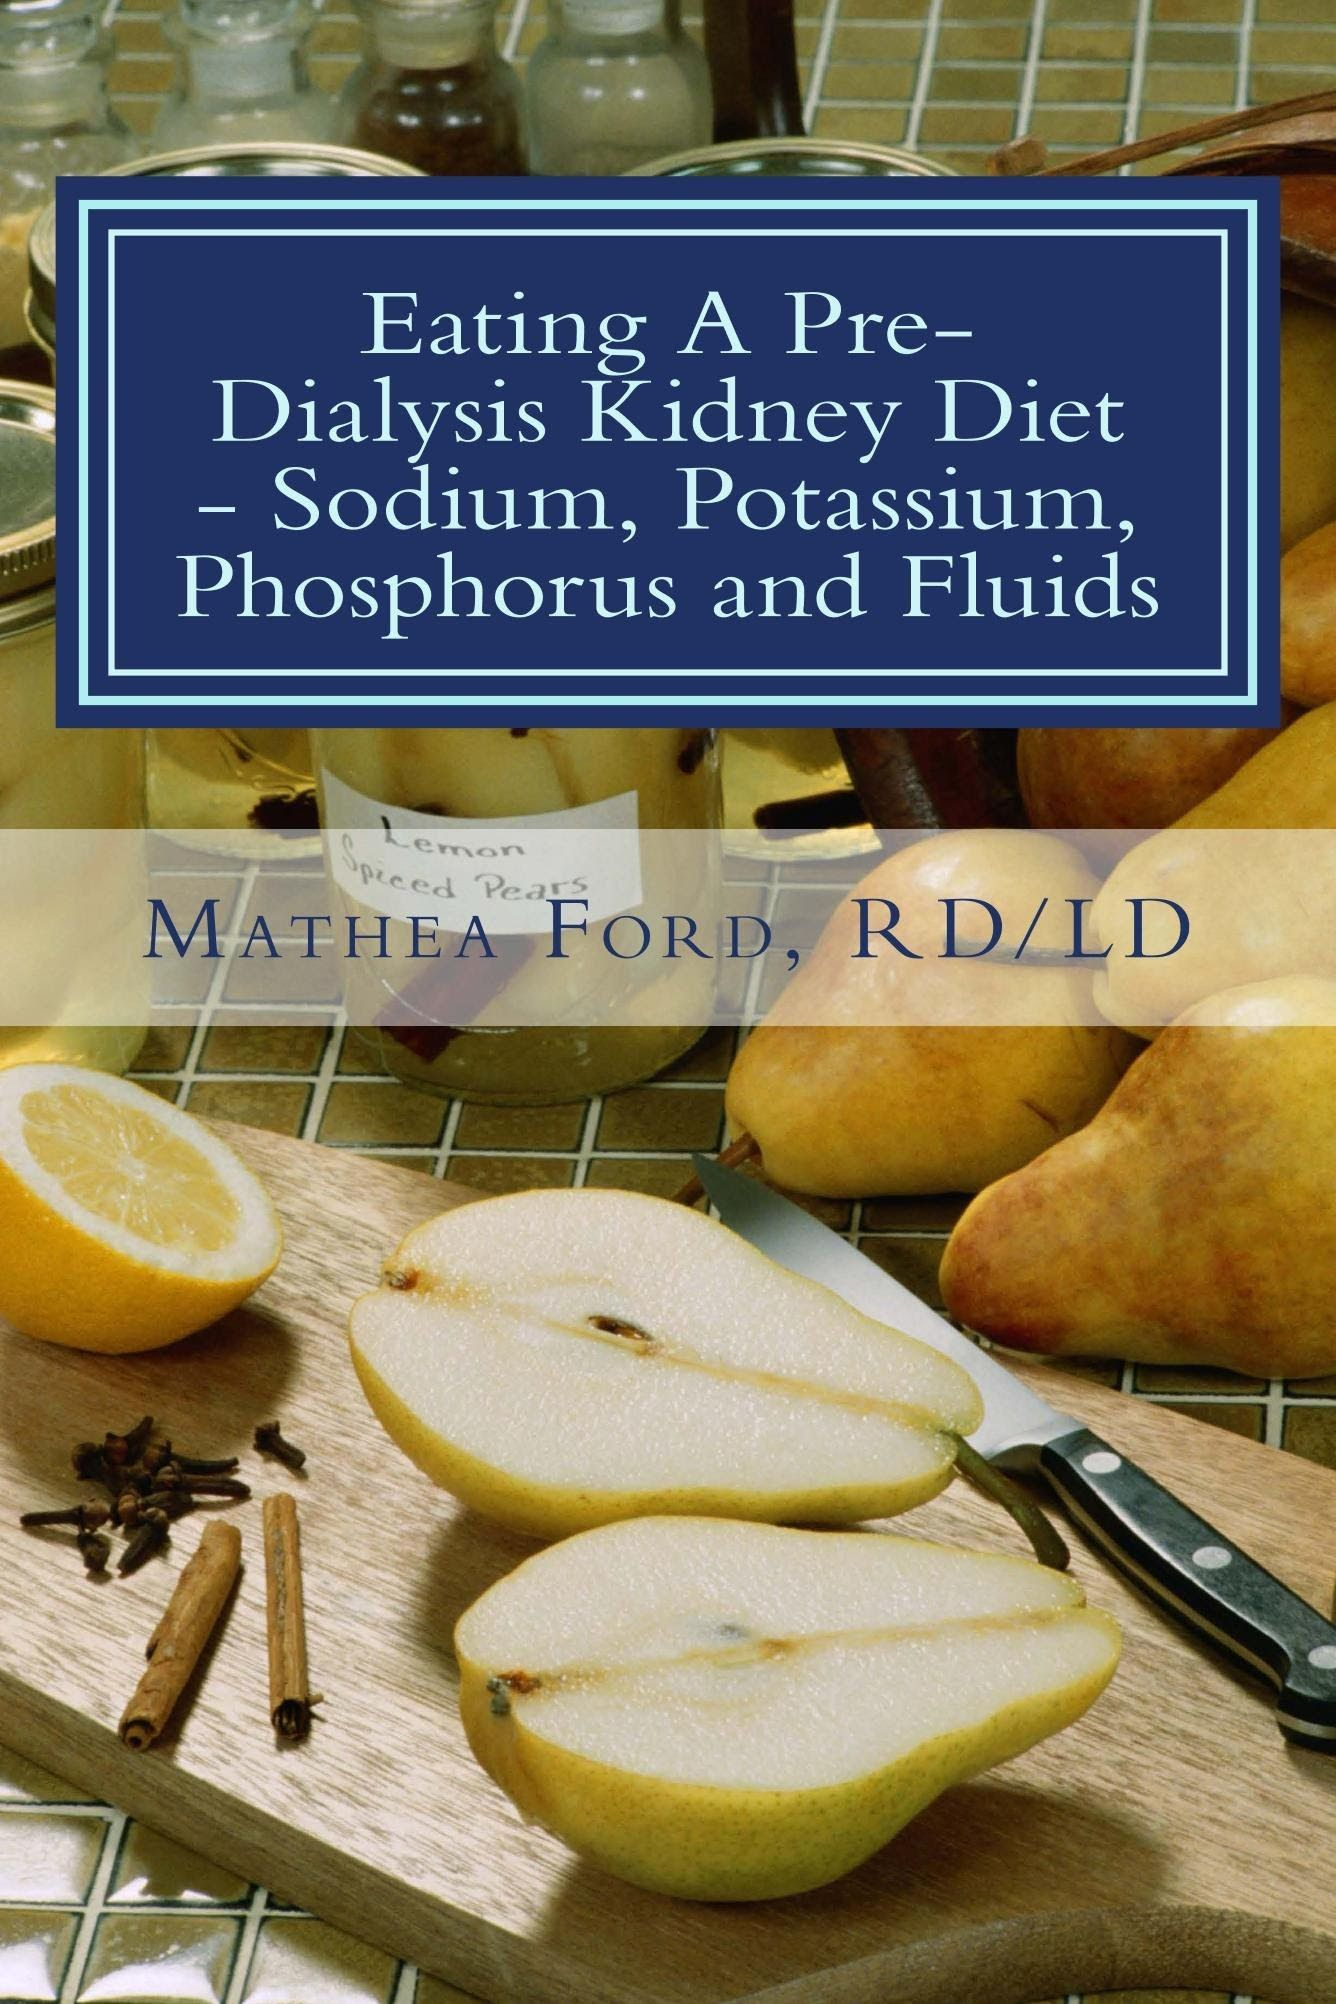 Low potassium diet low potassium diet dialysis diet